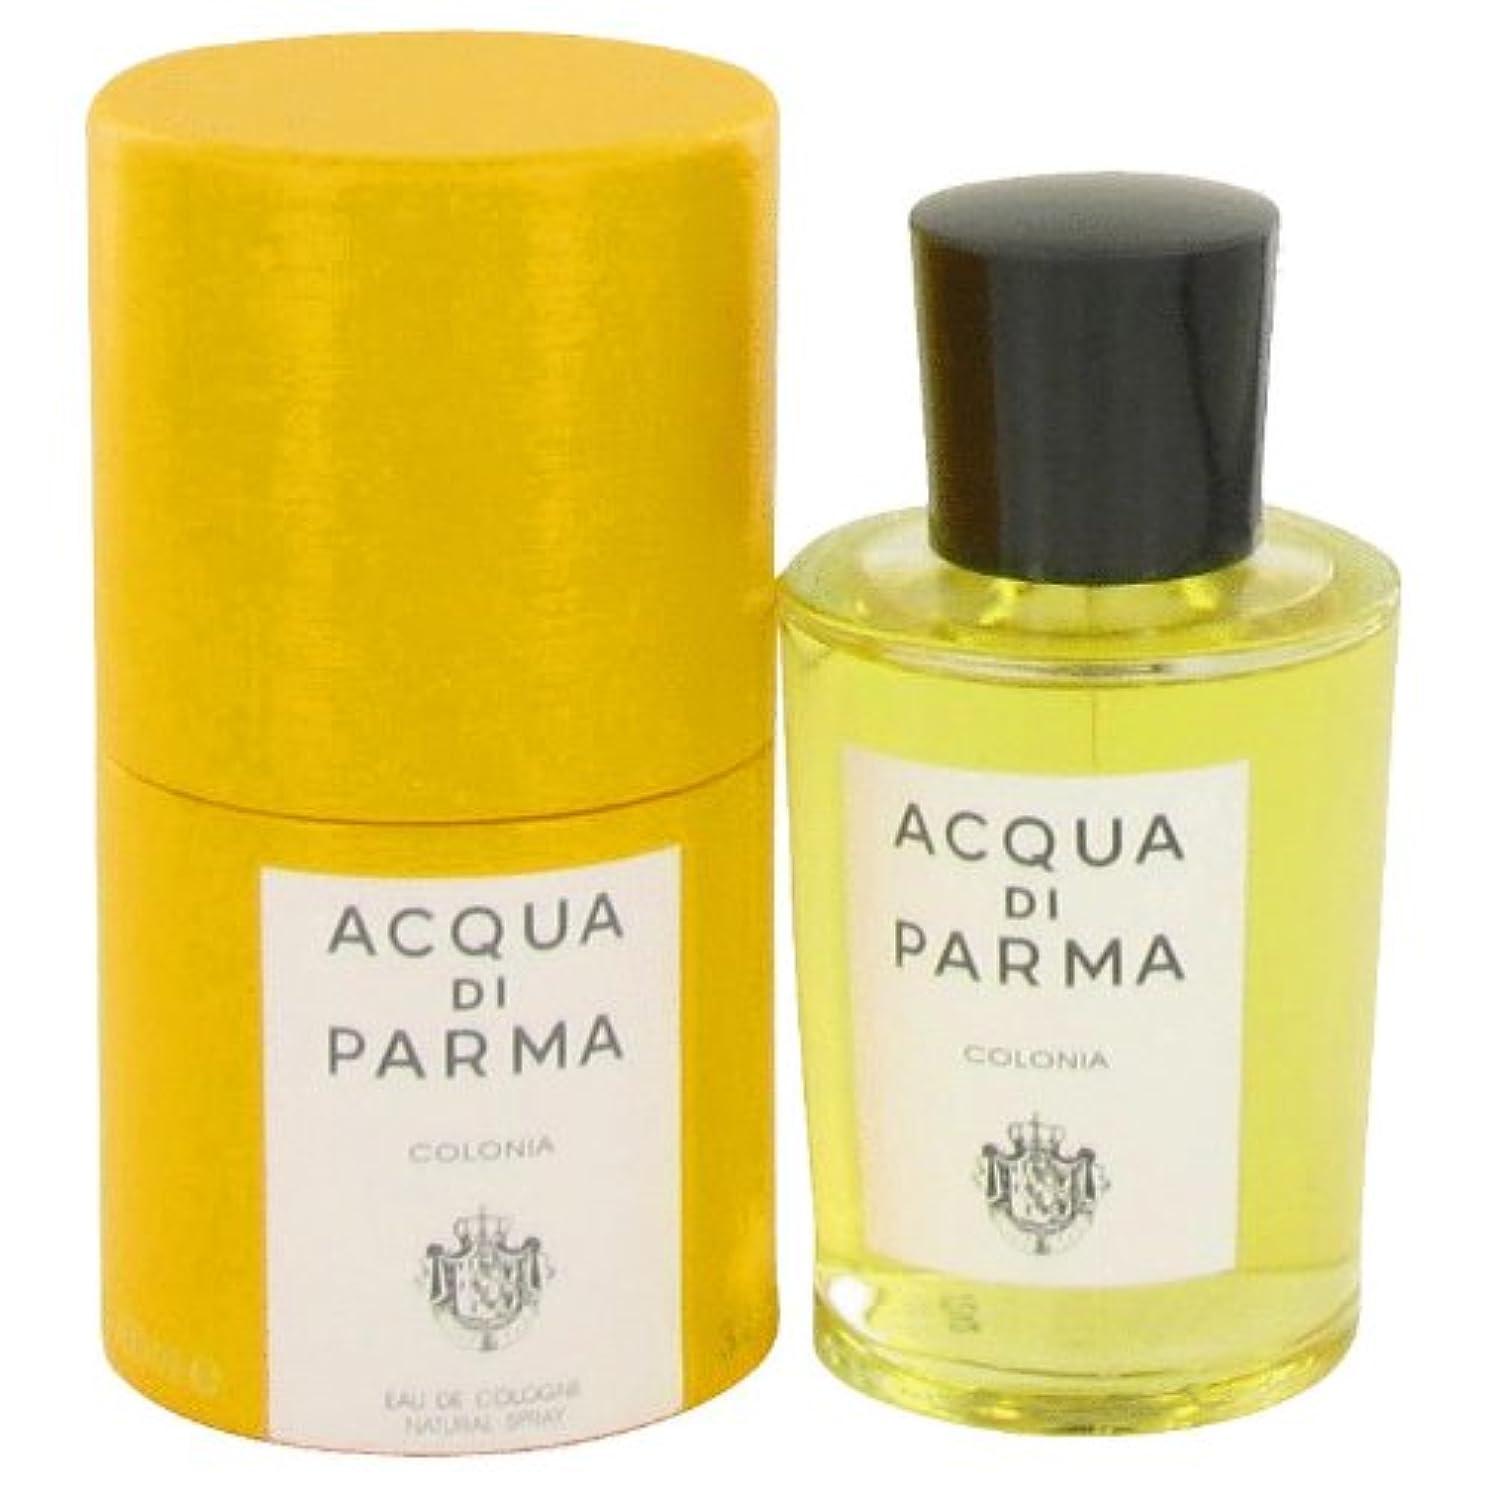 略奪動機付ける封建Acqua Di Parma Colonia Eau De Cologne Spray By Acqua Di Parma